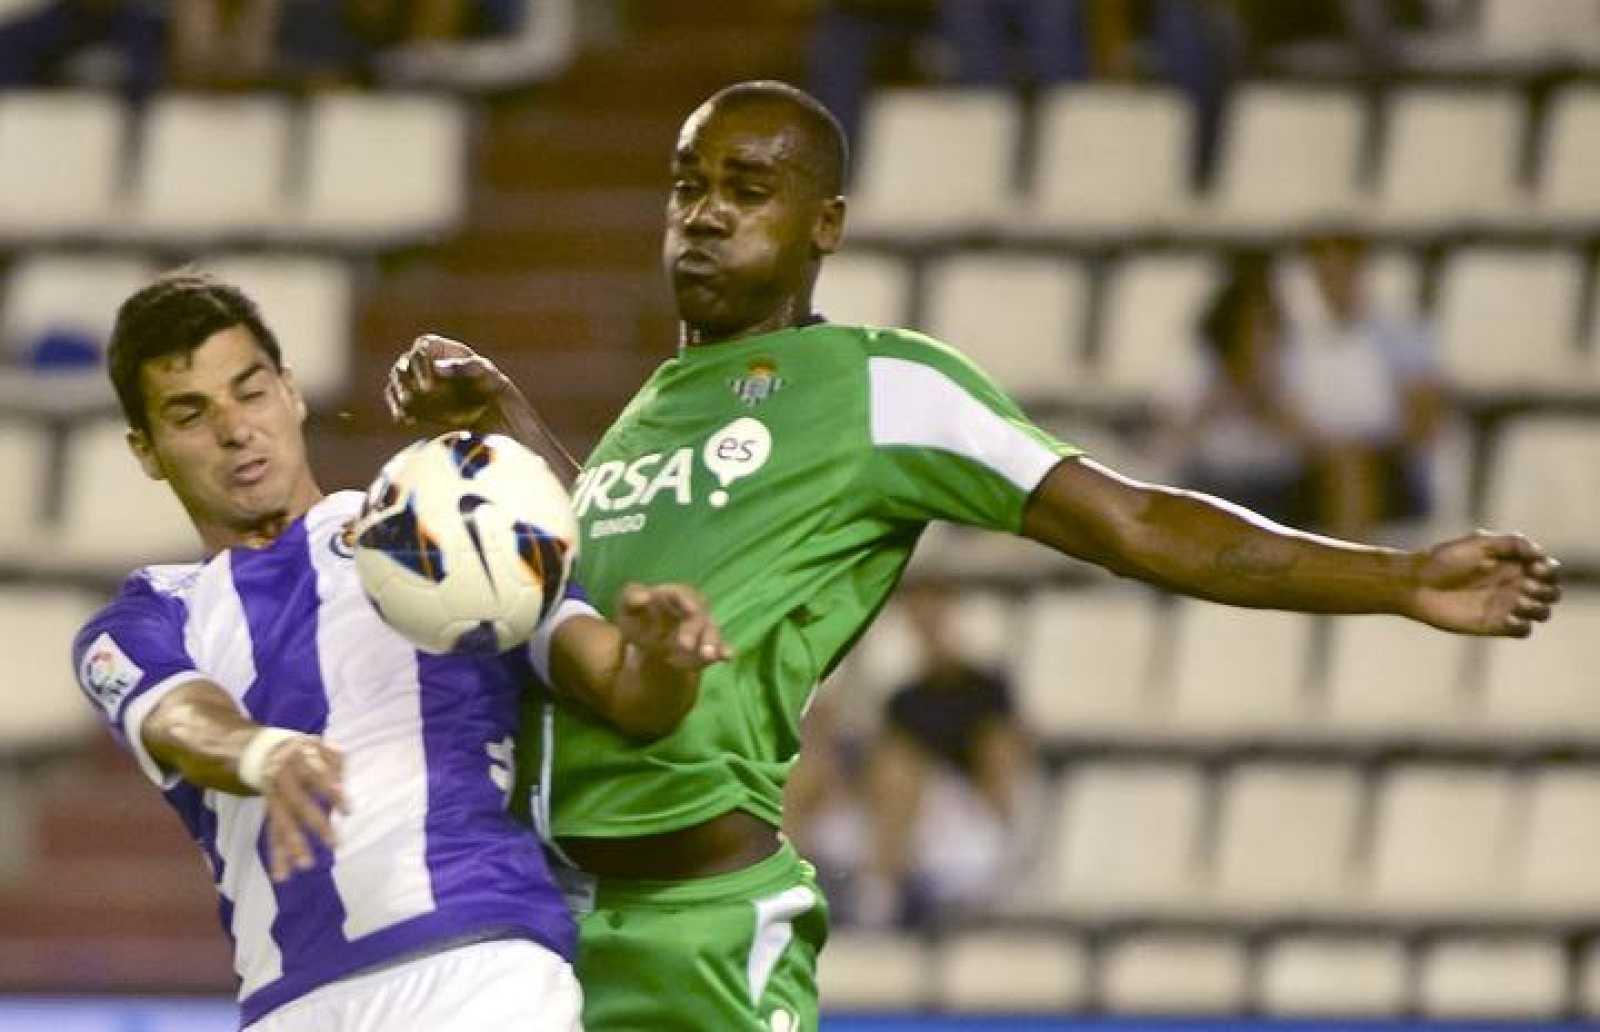 Paulao (d)  del Betis y Javi Guerra del Valladolid disputan un balón con las gradas vacías de fondo